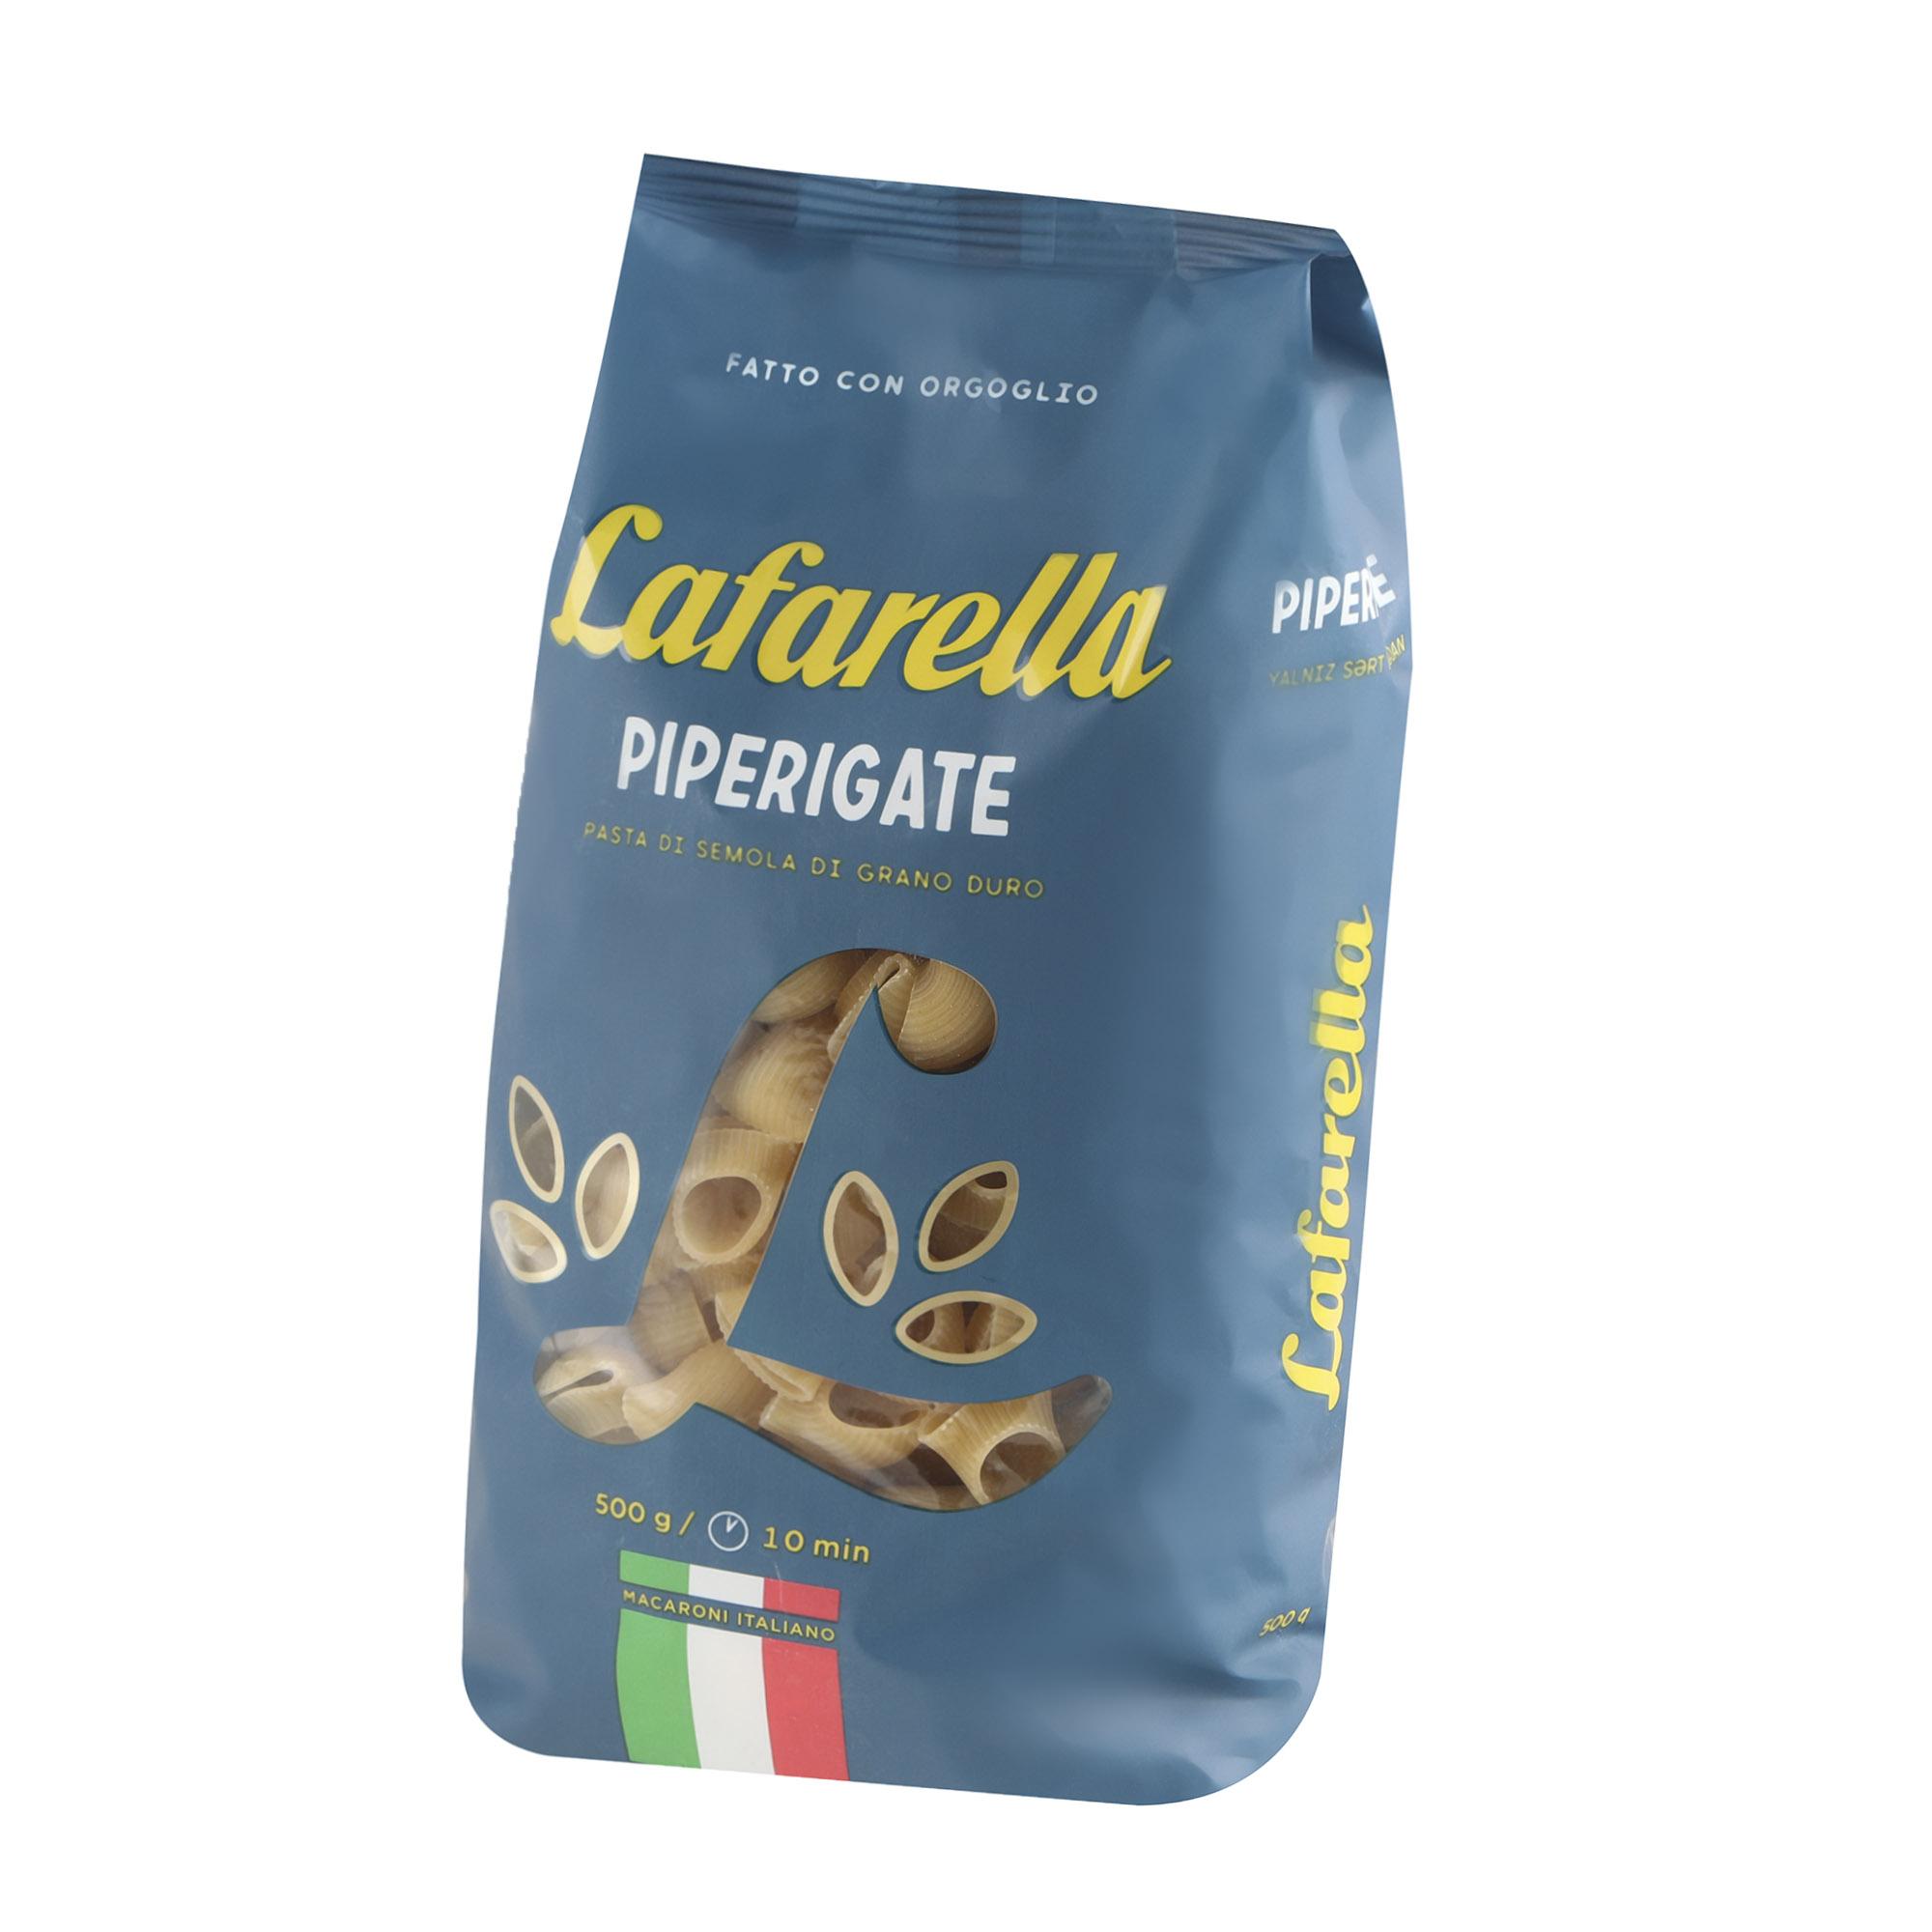 Макароны Lafarello Дуга 500 г макароны arrighi ньокетти 500 г